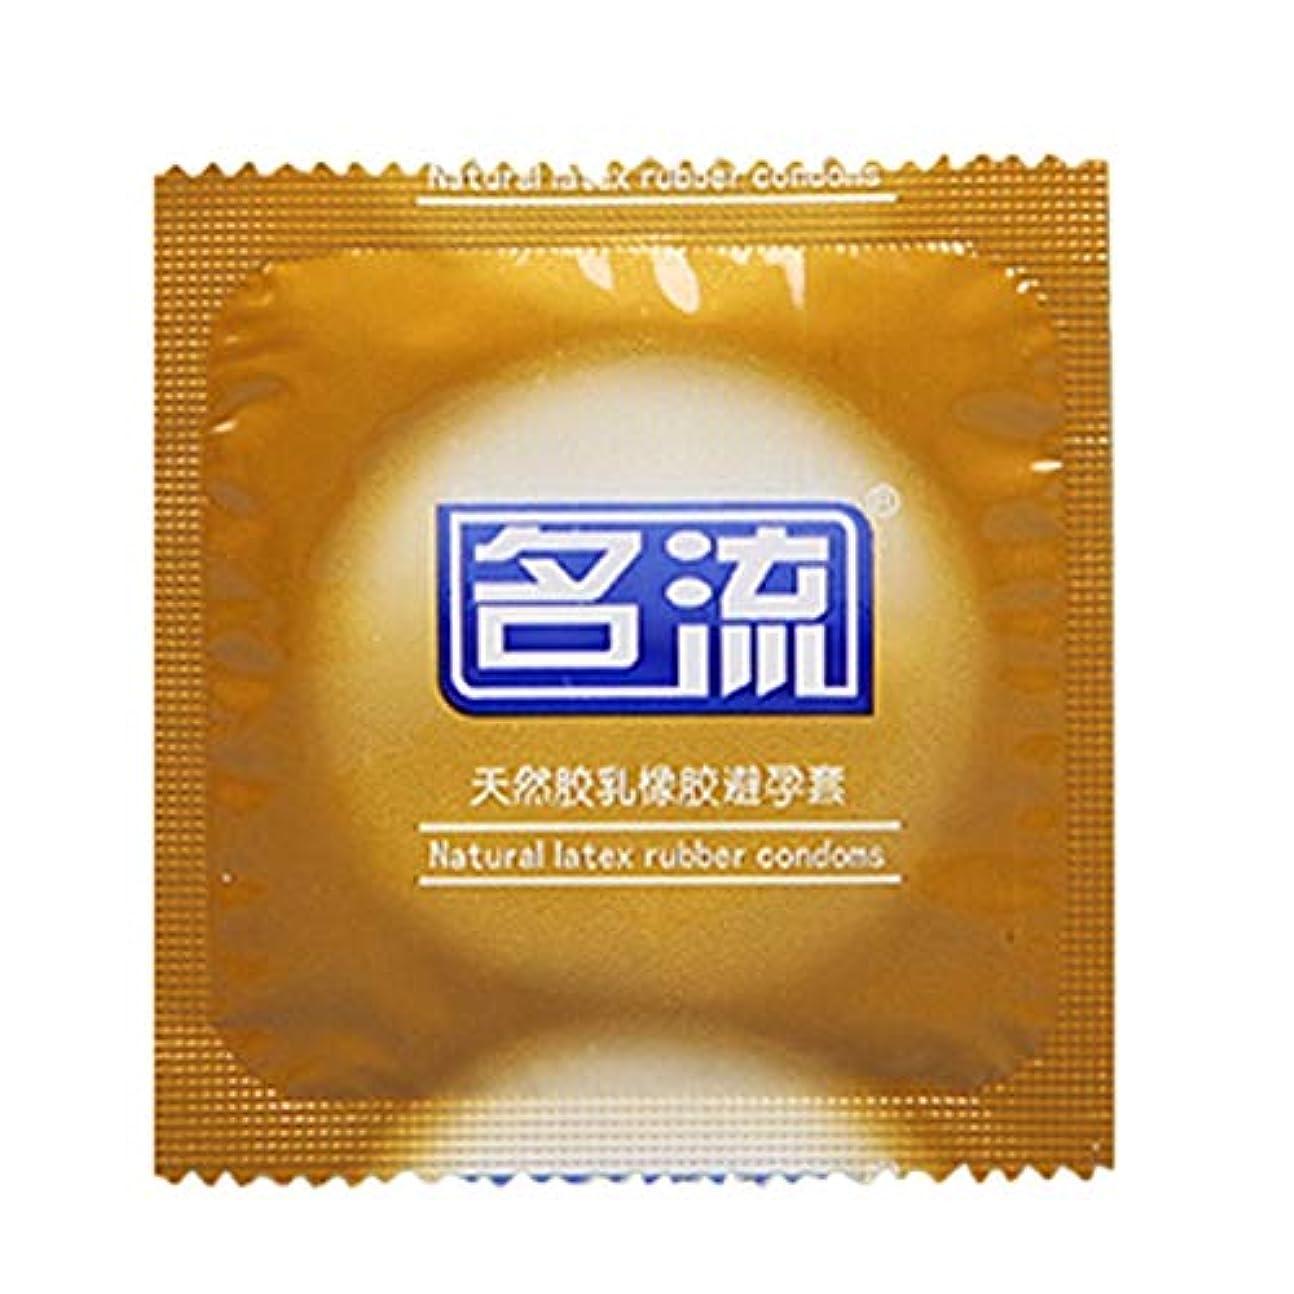 温室外向き石油10個入り/メンズ大人のセックスのおもちゃ安全な避妊のためのロット天然ラテックスコンドーム、ダイナミックな粒子分布